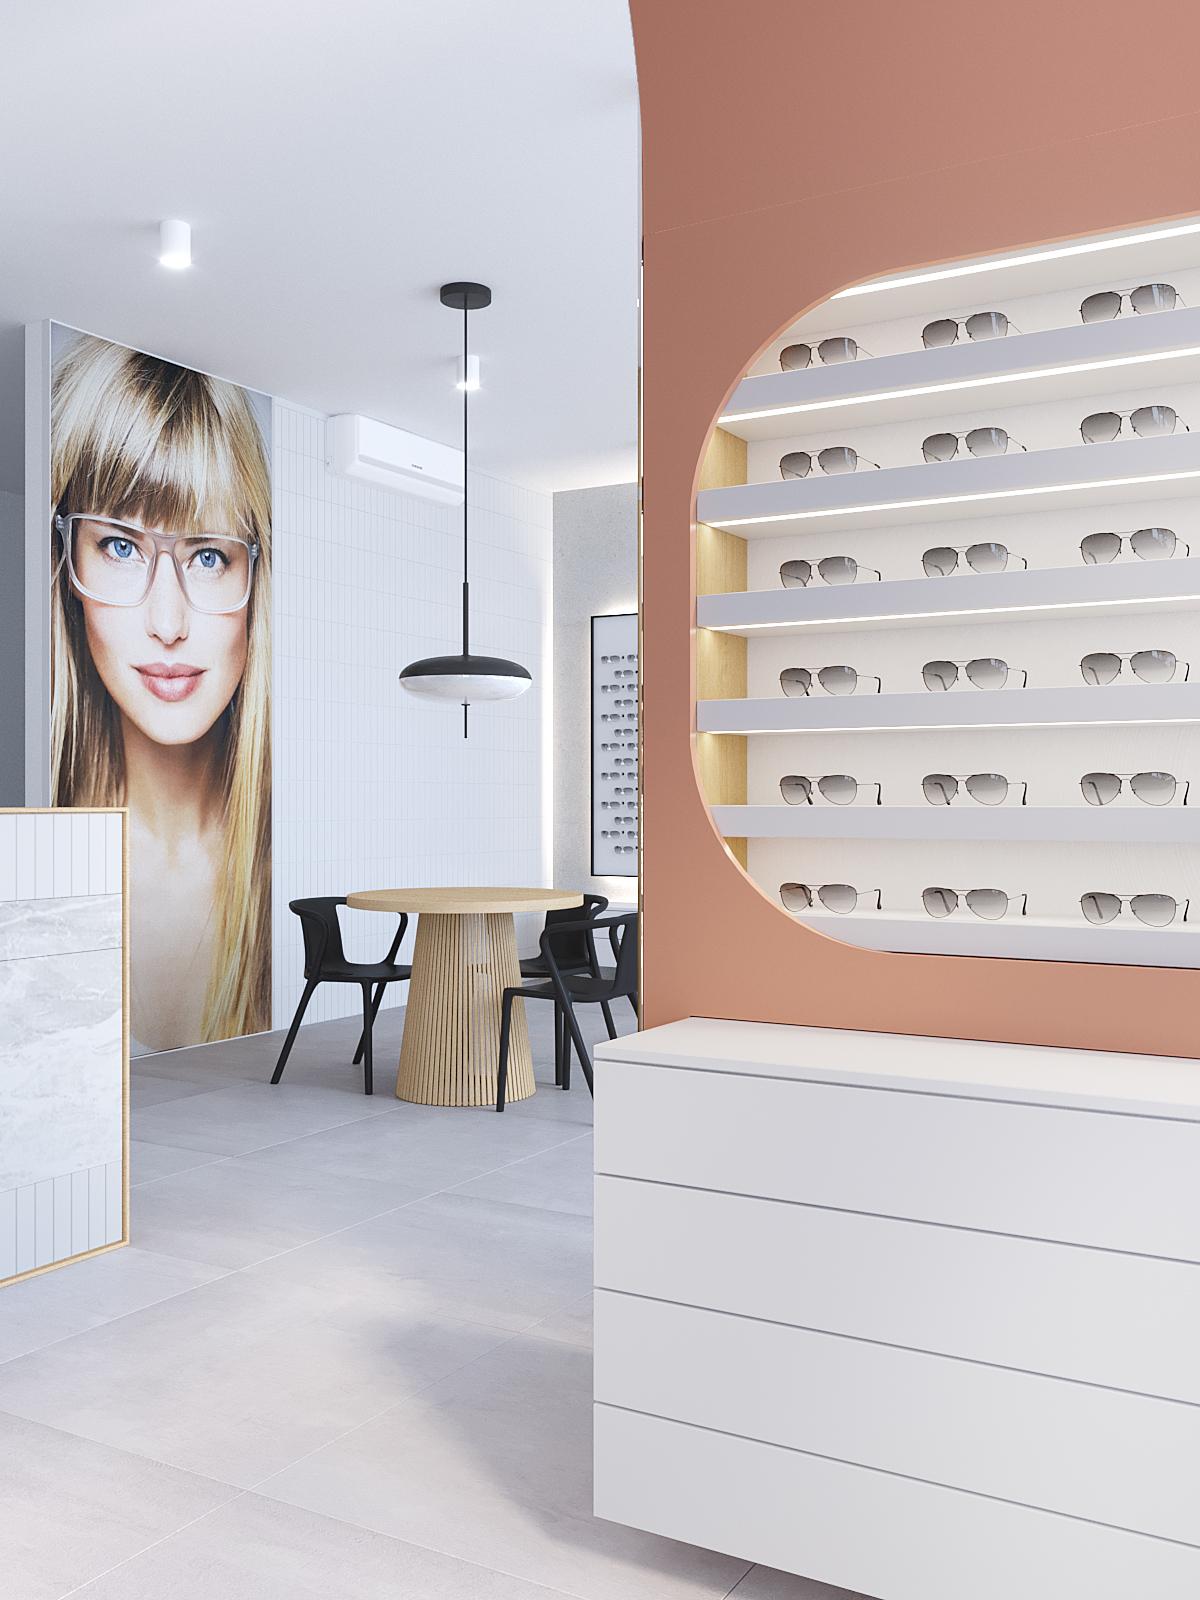 8 architekt wnetrz K099 optyk Strozik Bytom punkt bslugi klienta biala komoda ekspozytor na okulary drewniant stol